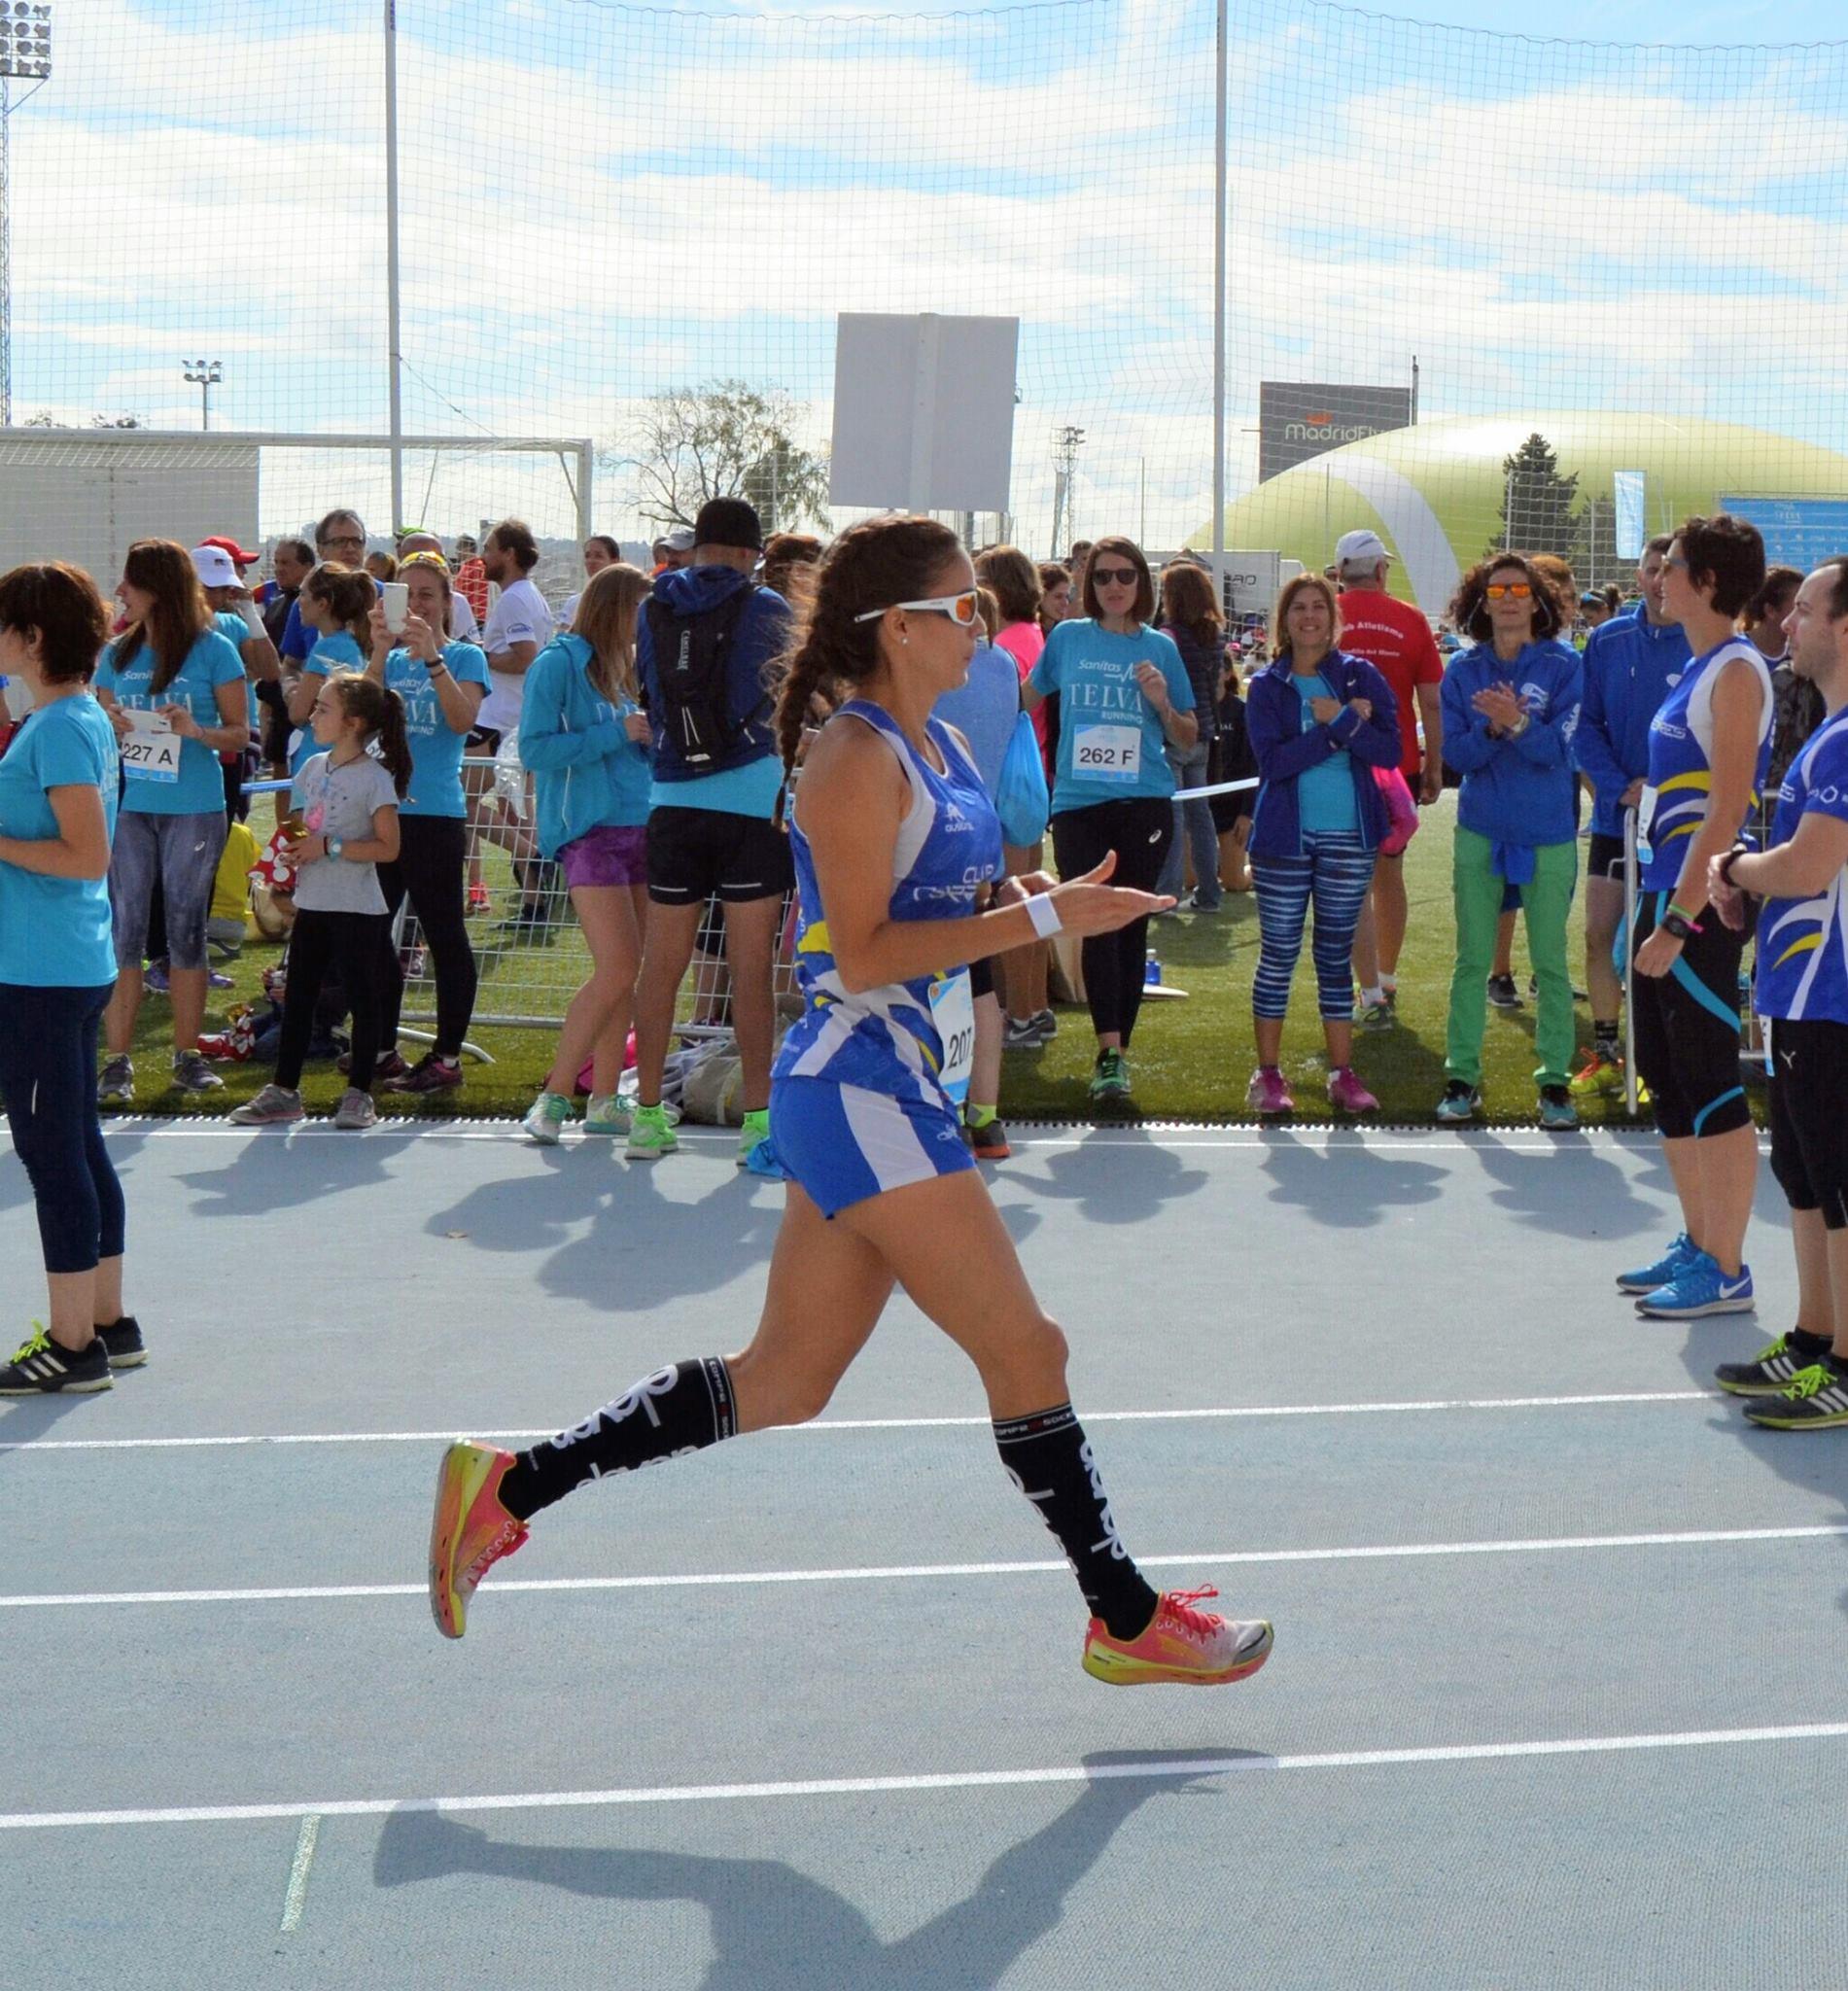 El running, cómo llegó a mi vida y lo que significa para mi